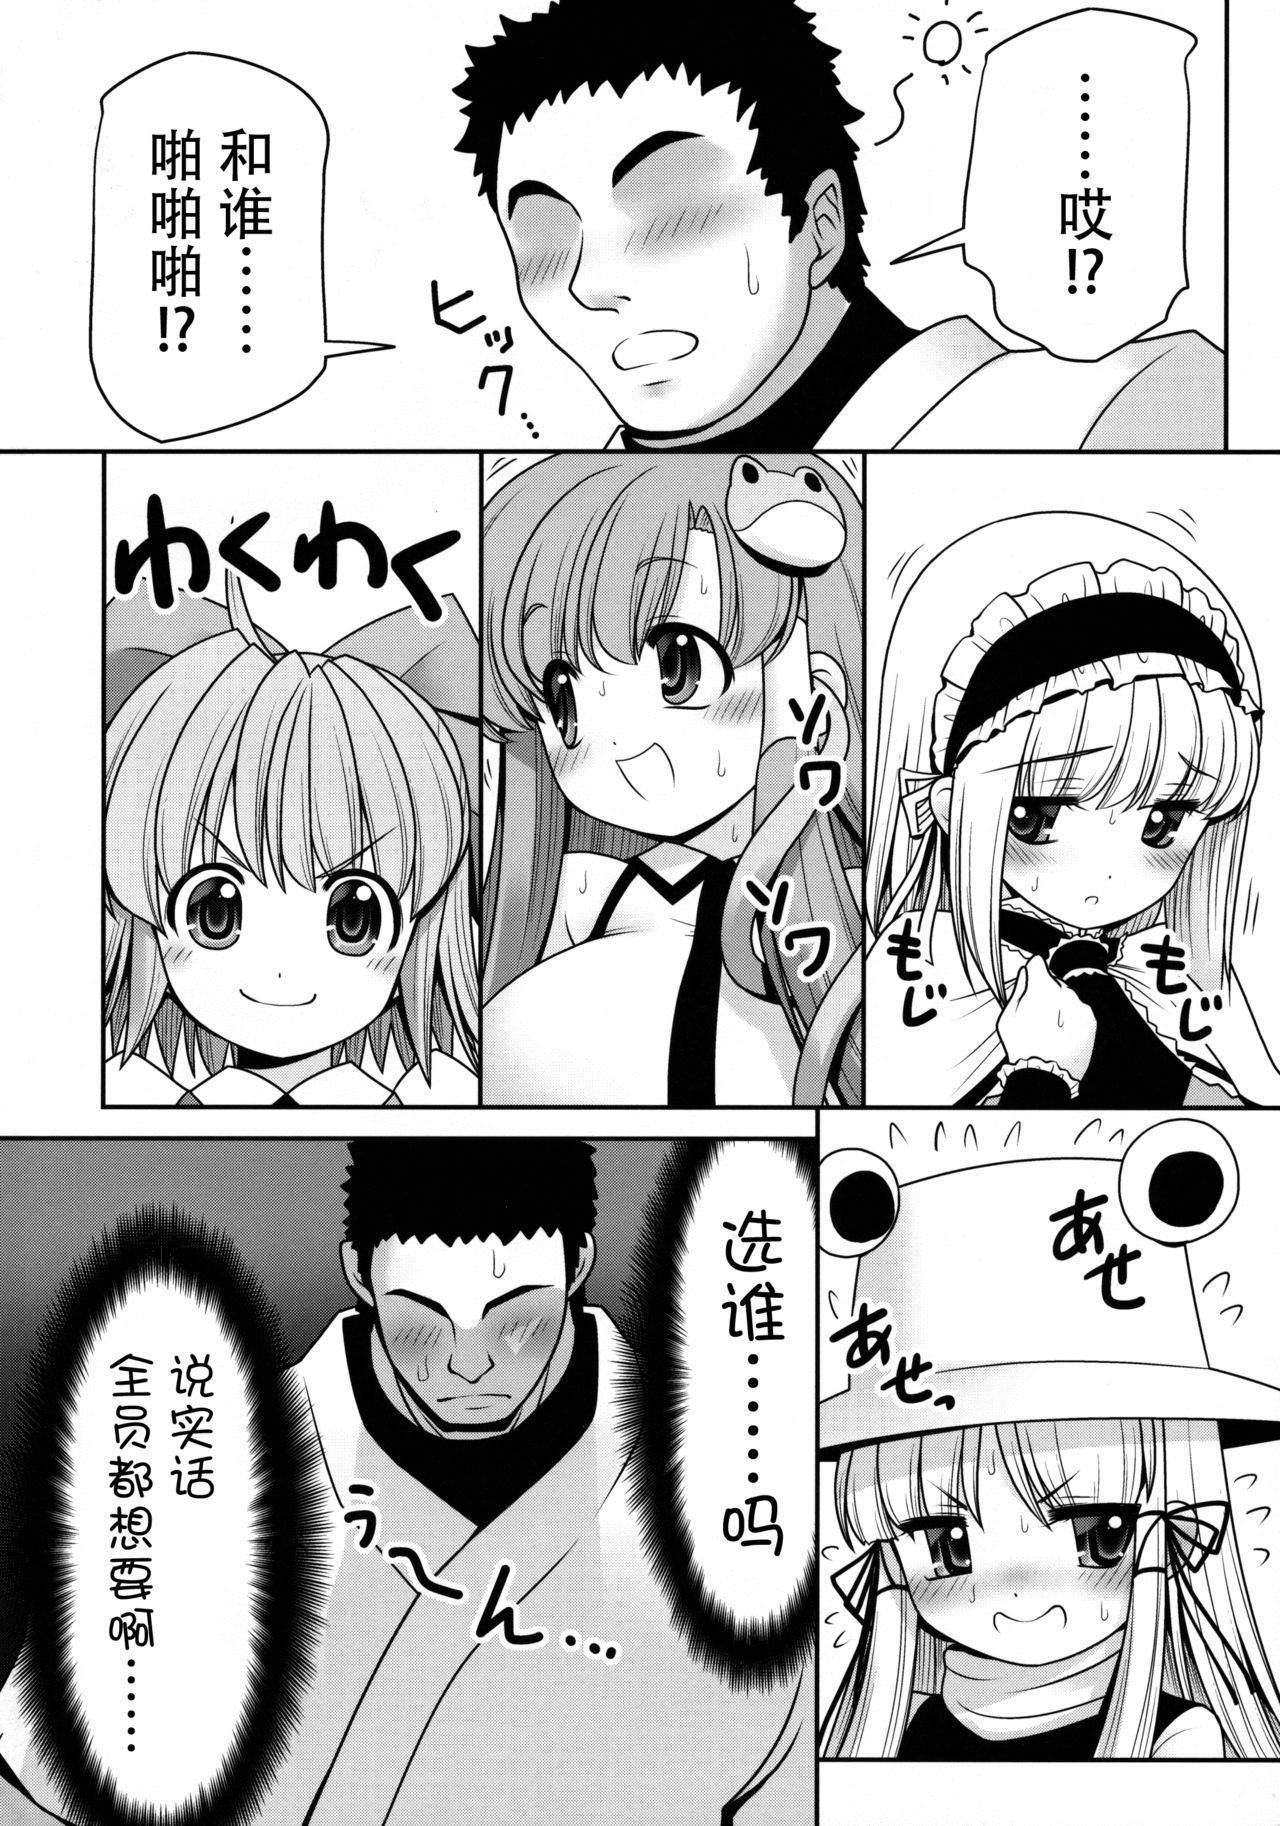 Watashi o H no Aite ni Erande kudasai! 3